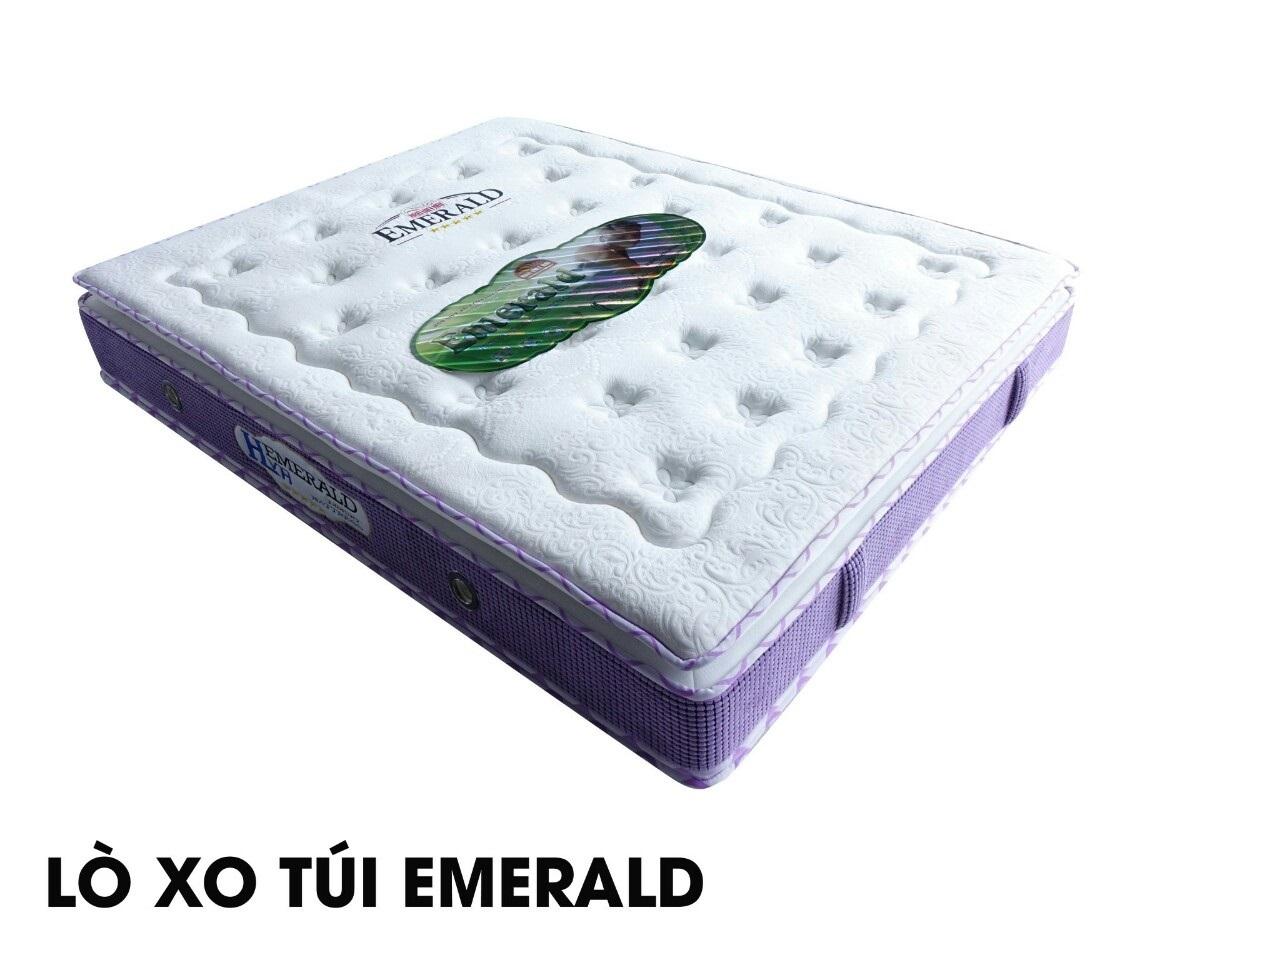 Lò Xo Túi EMERALD 5 sao